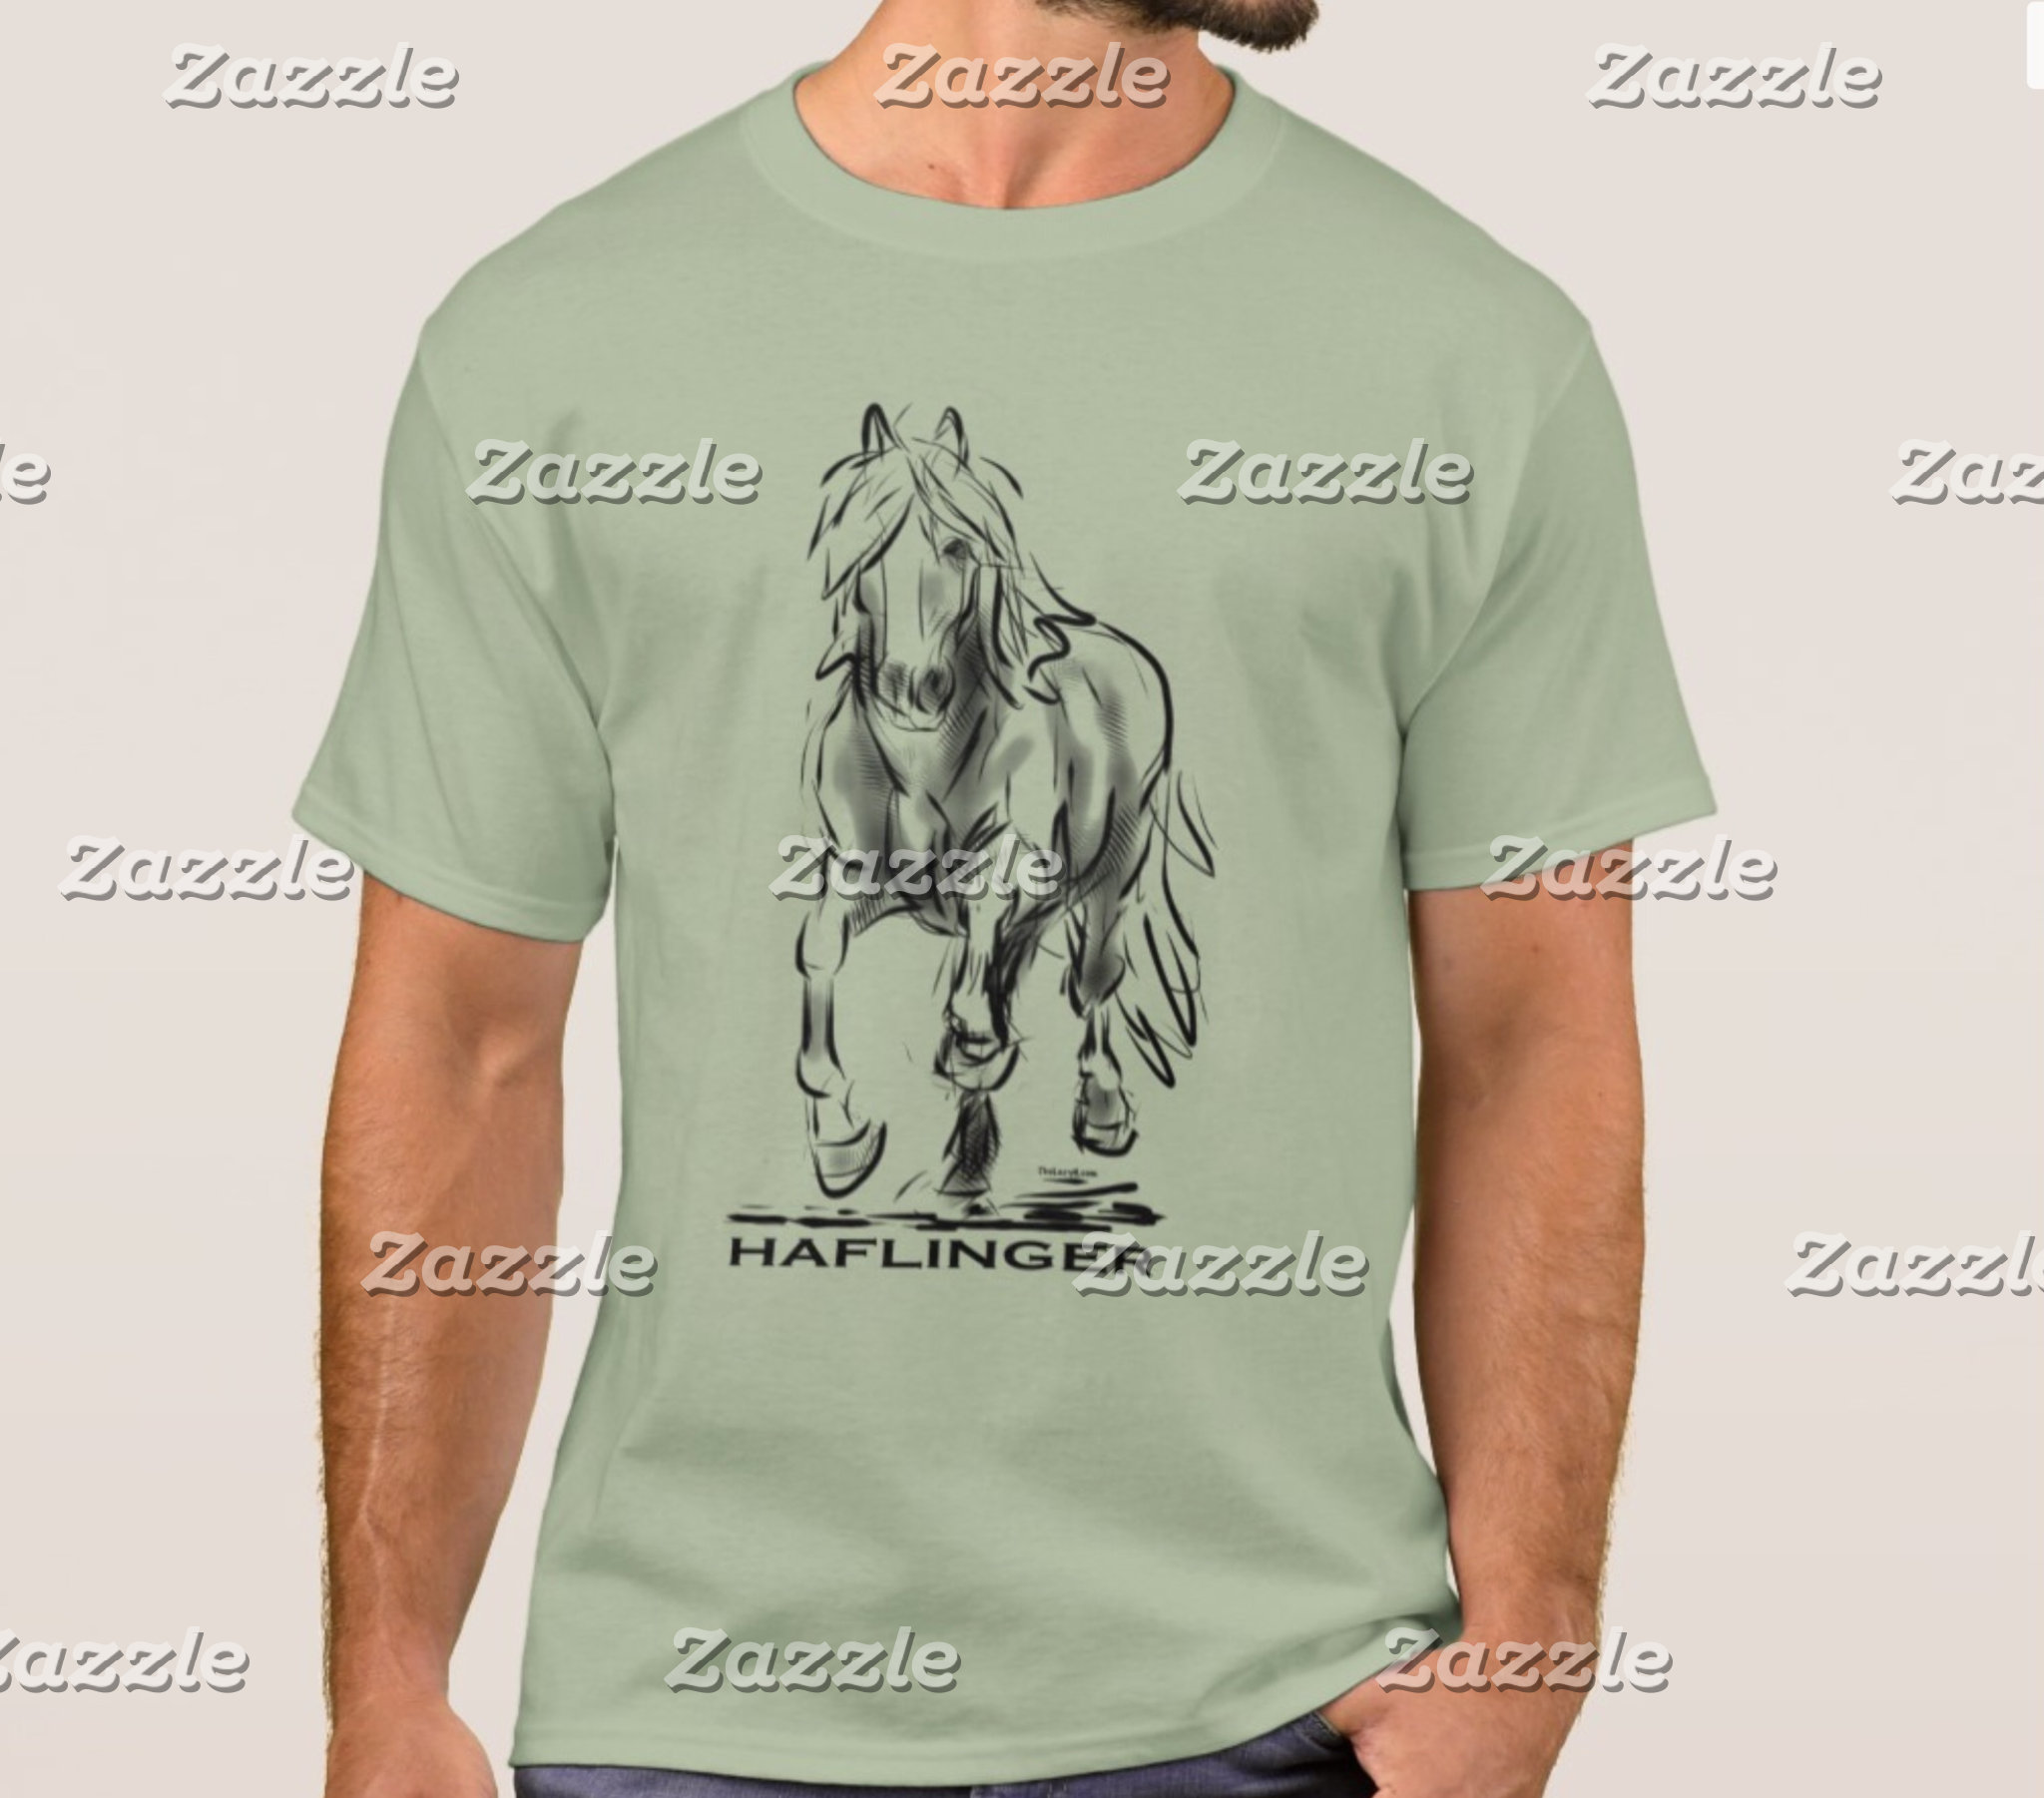 Mules & Horses